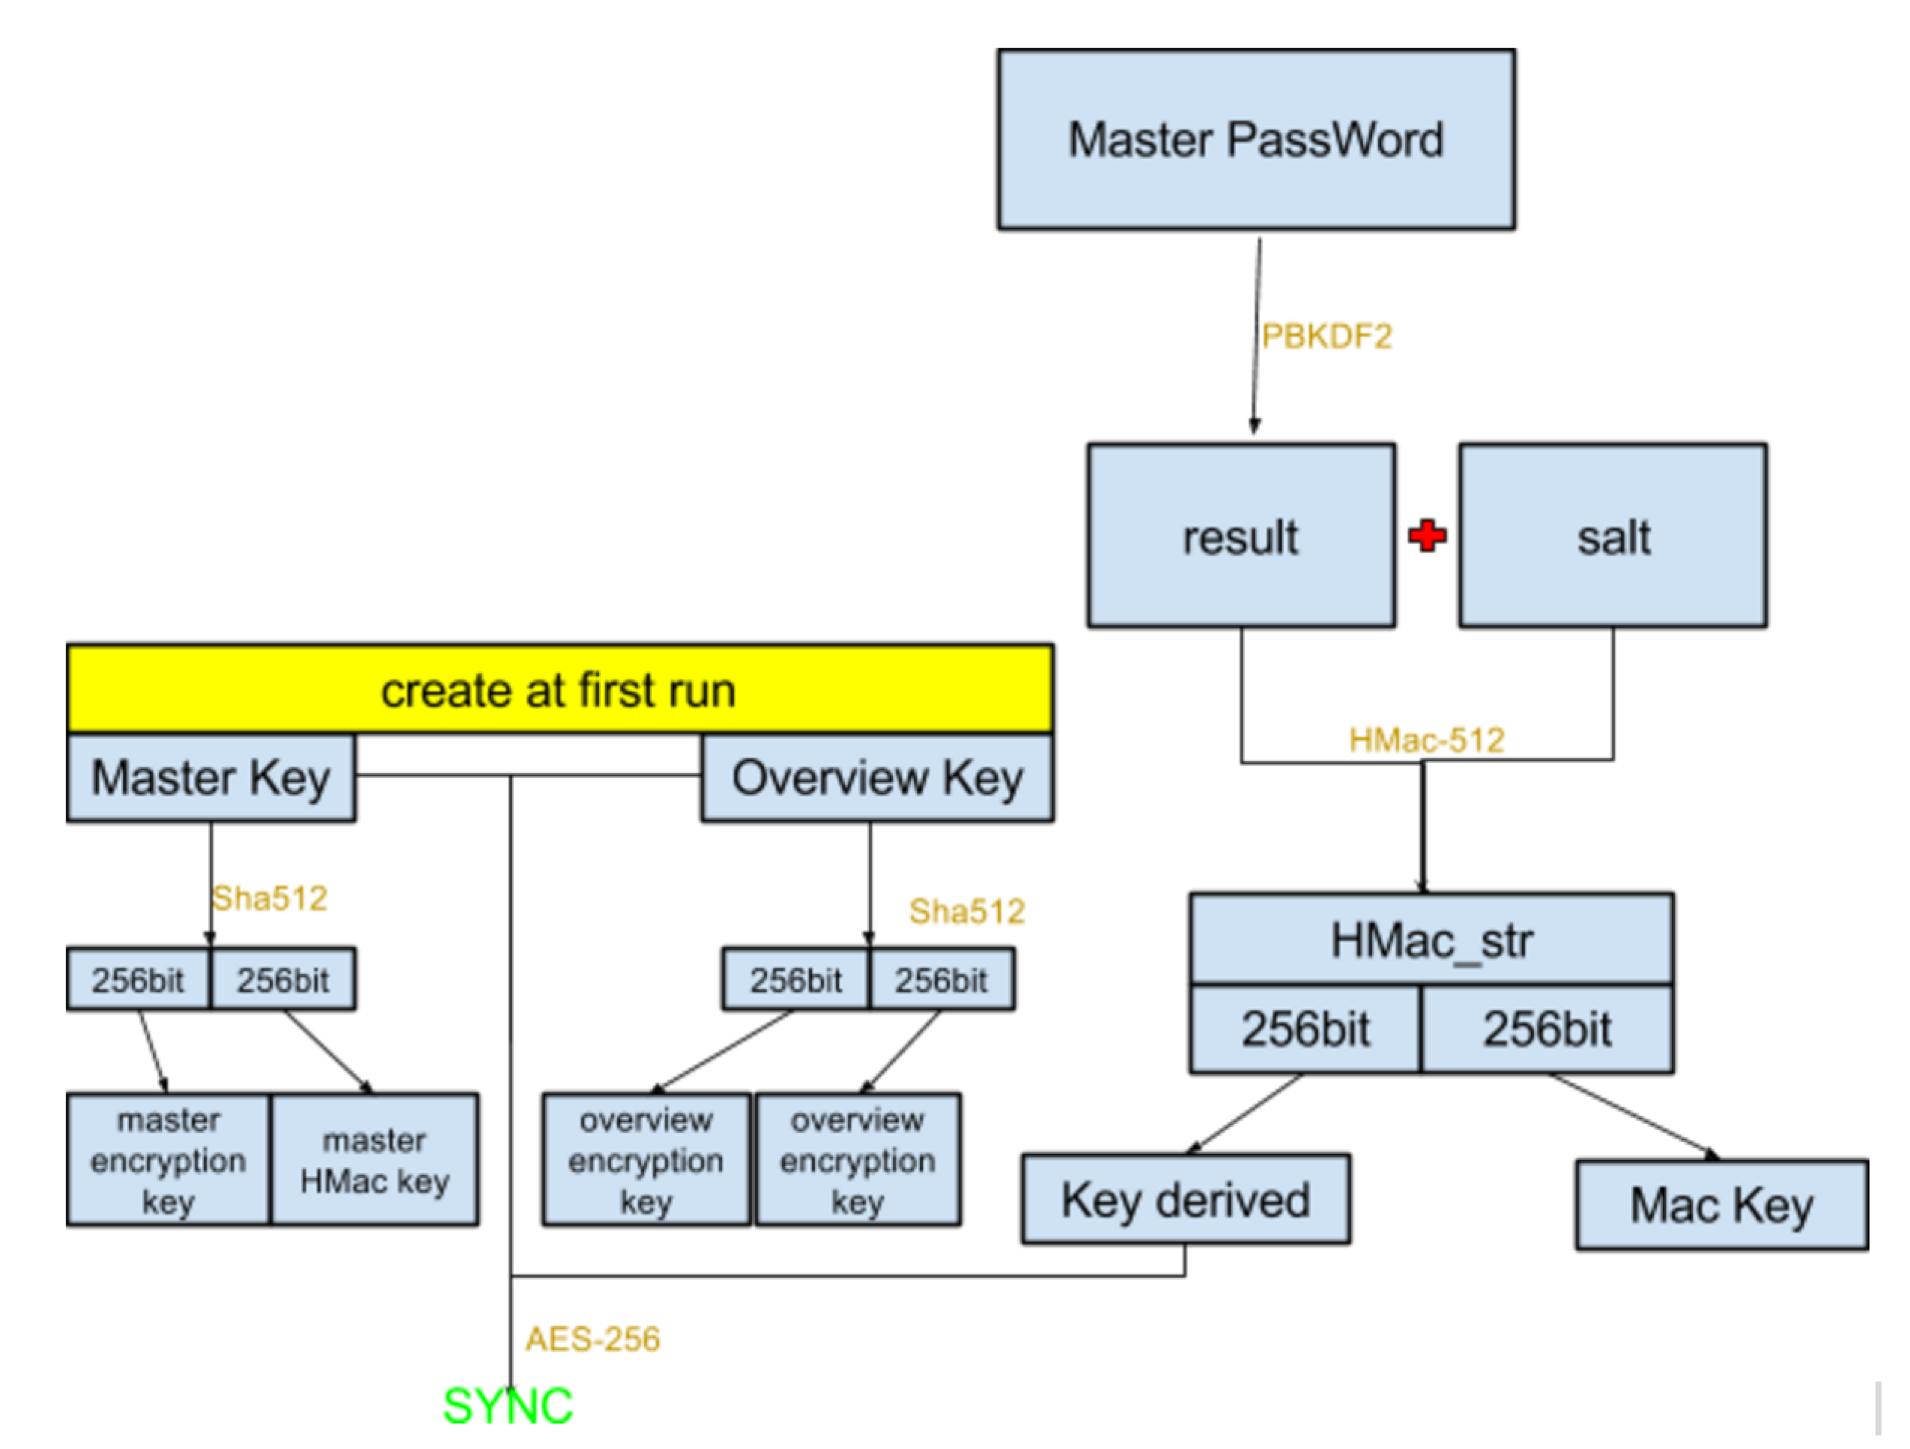 密钥生成流程图